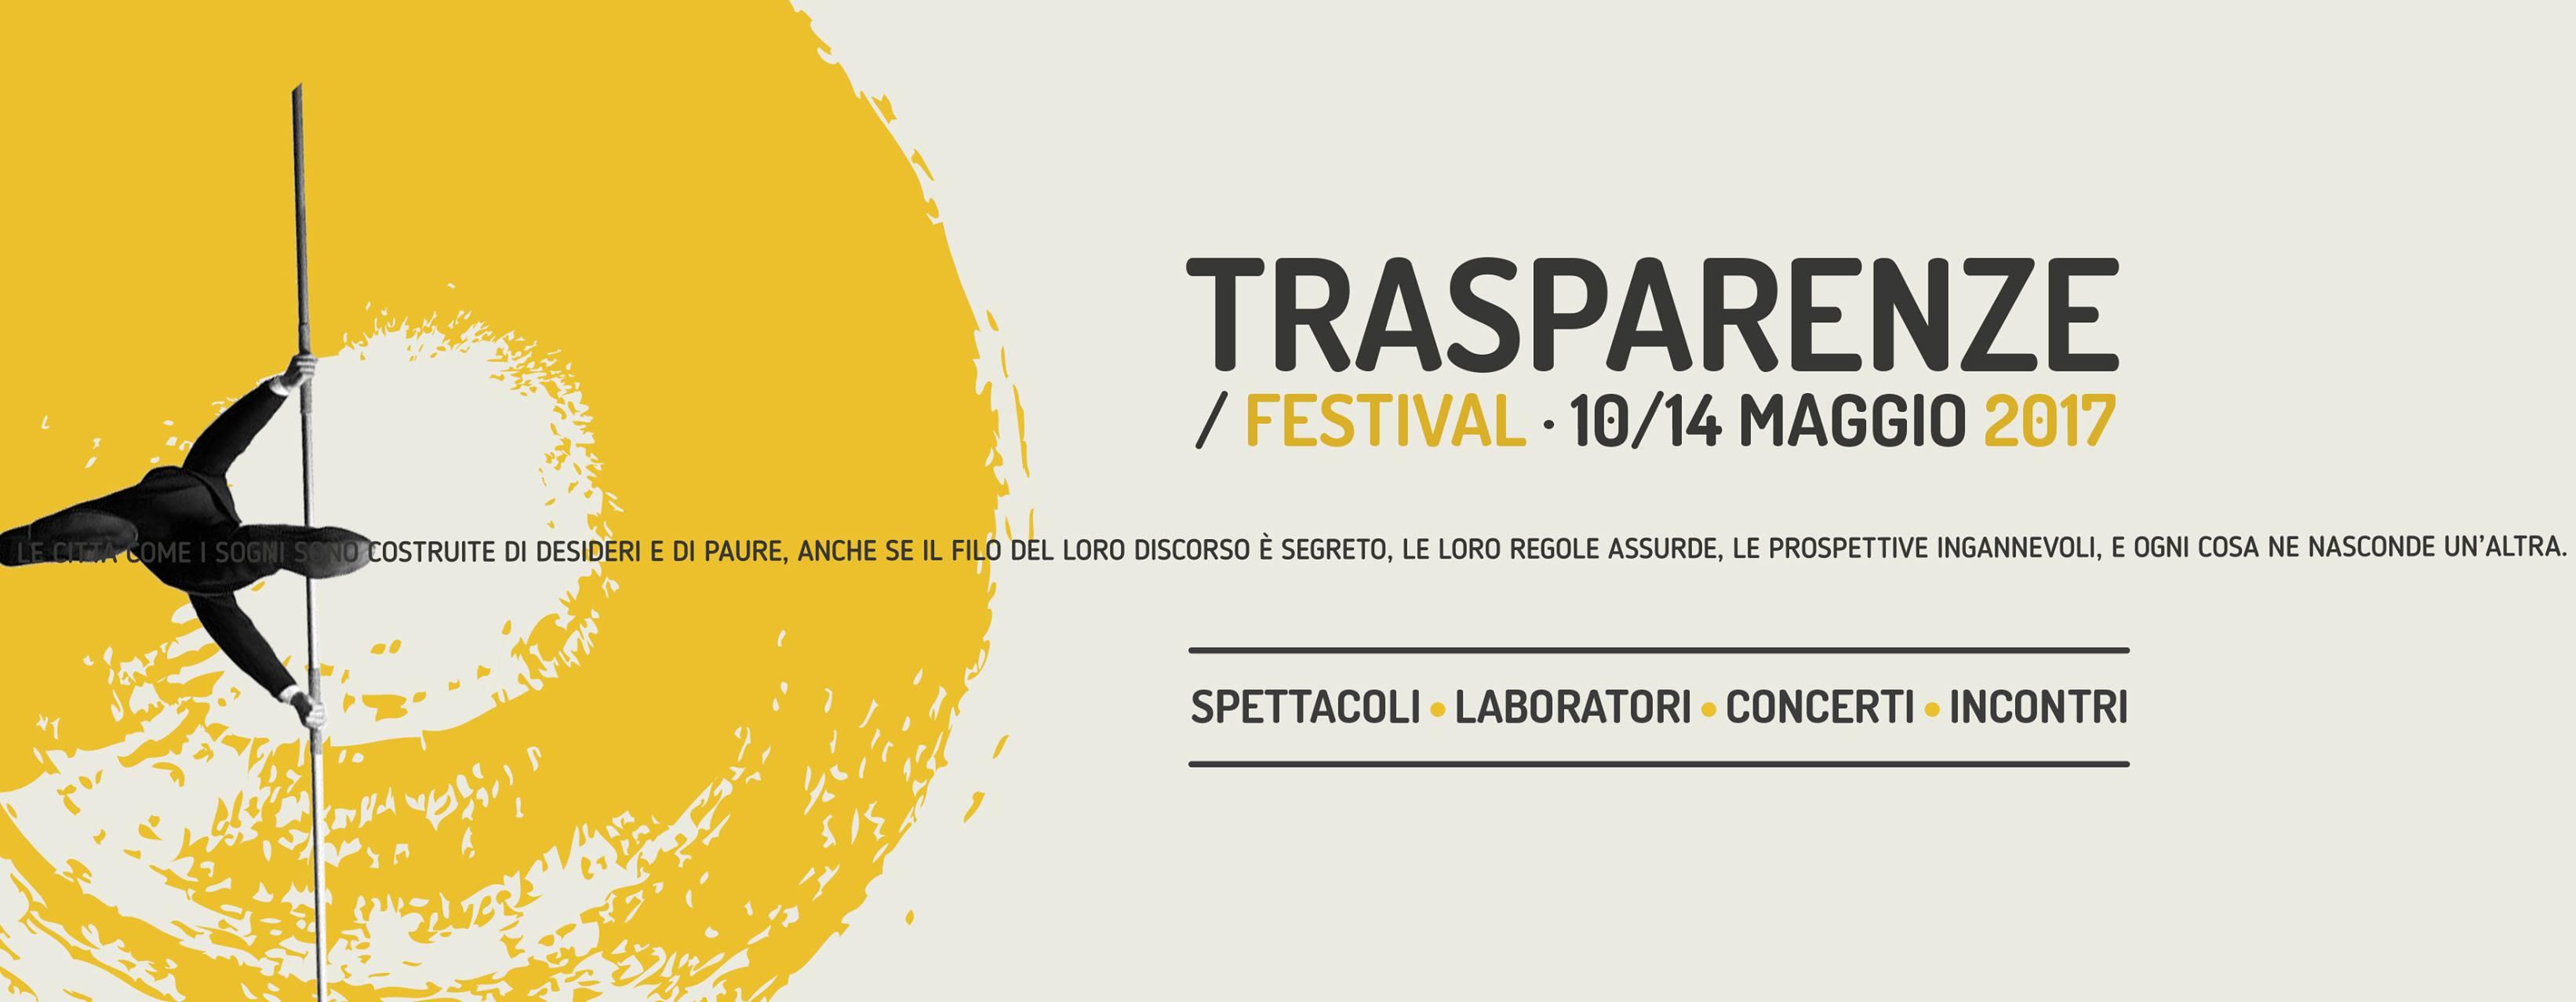 trasparenze-festival-2017-02